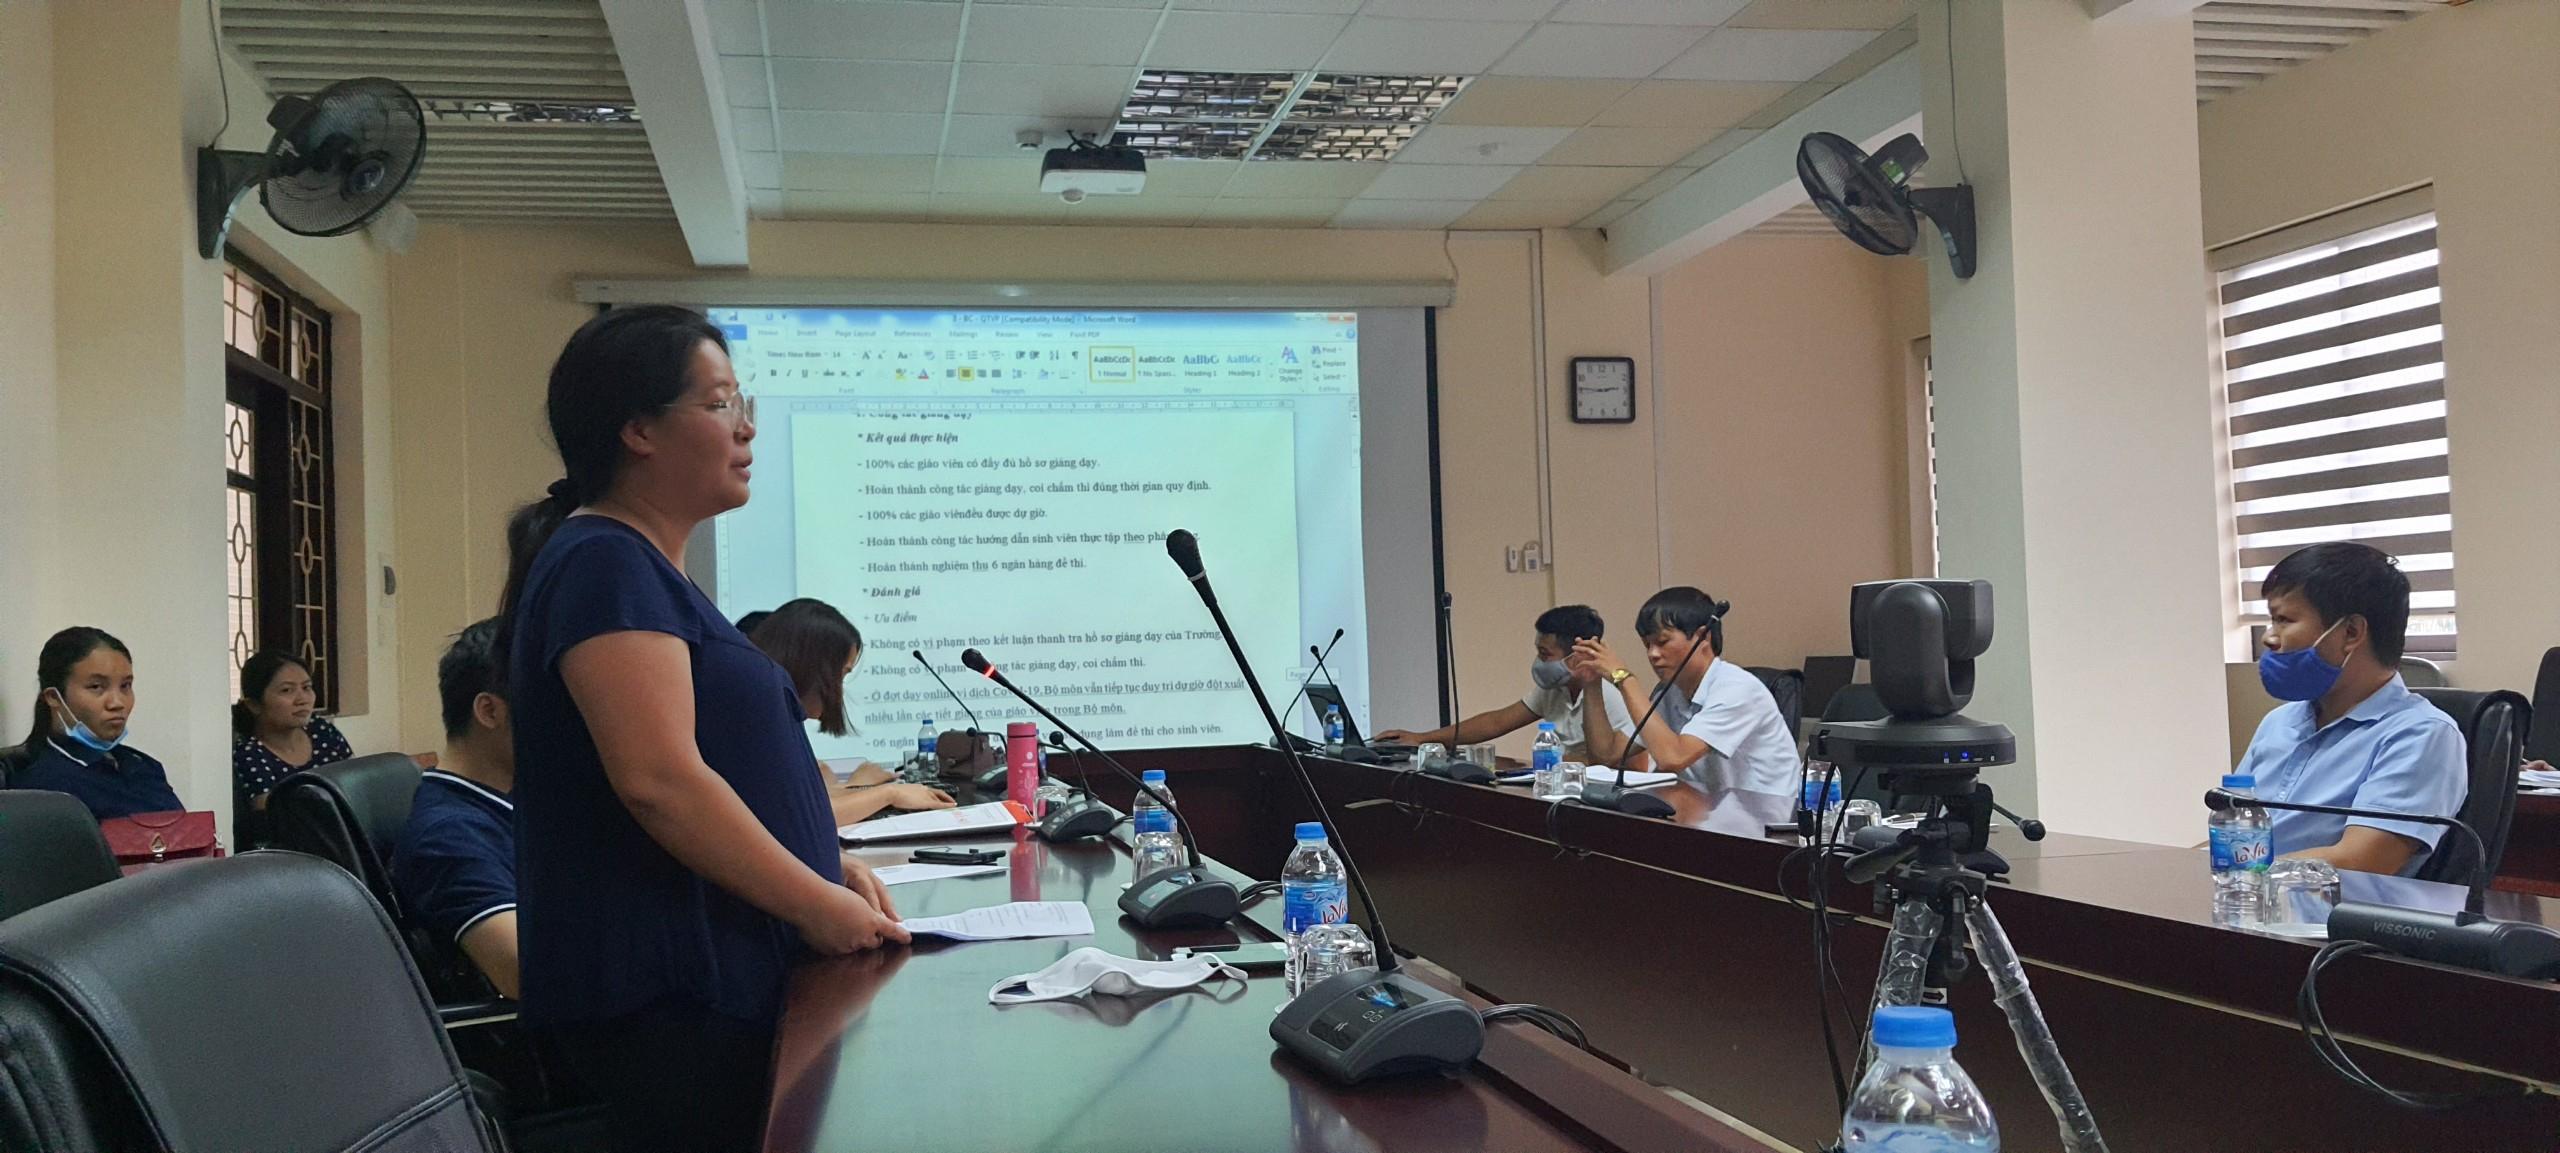 Hội Nghị Rút Kinh Nghiệm Năm Học 2019-2020 Và Định Hướng